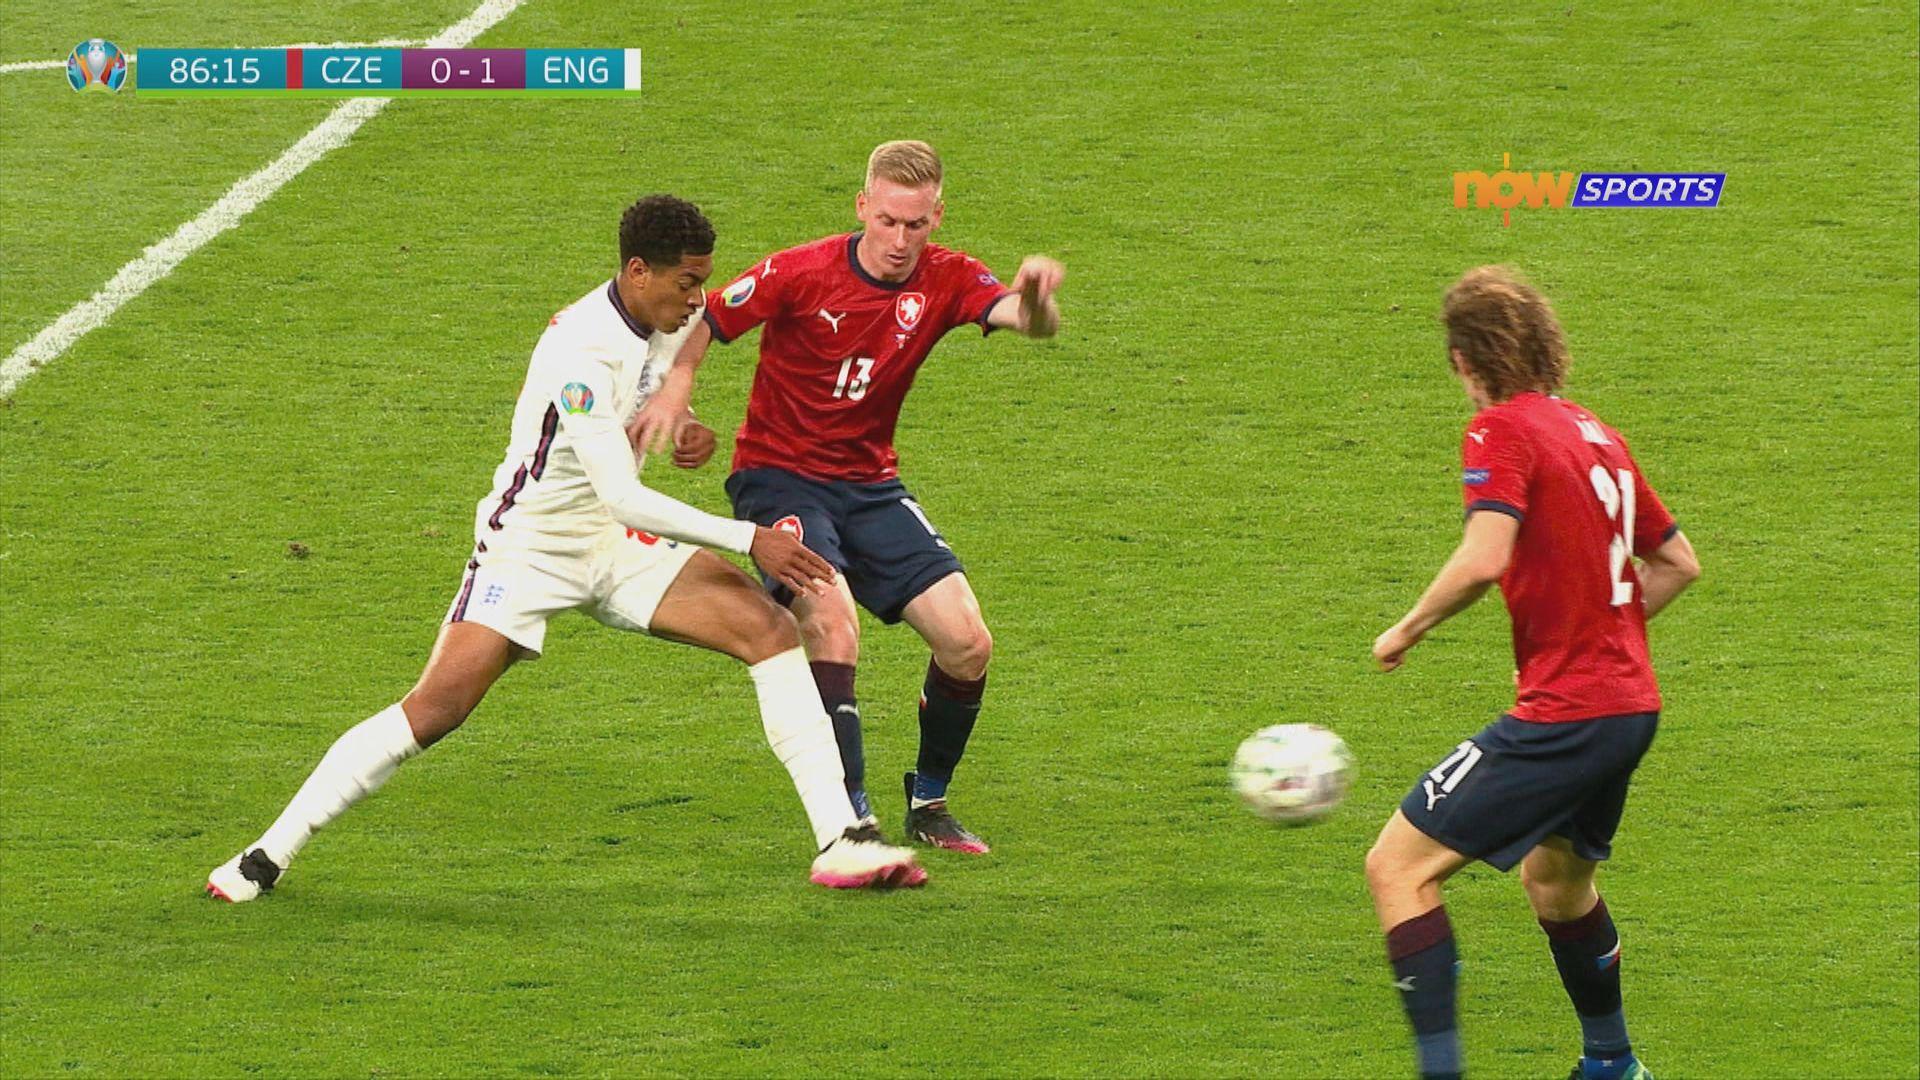 歐國盃 捷克0:1英格蘭